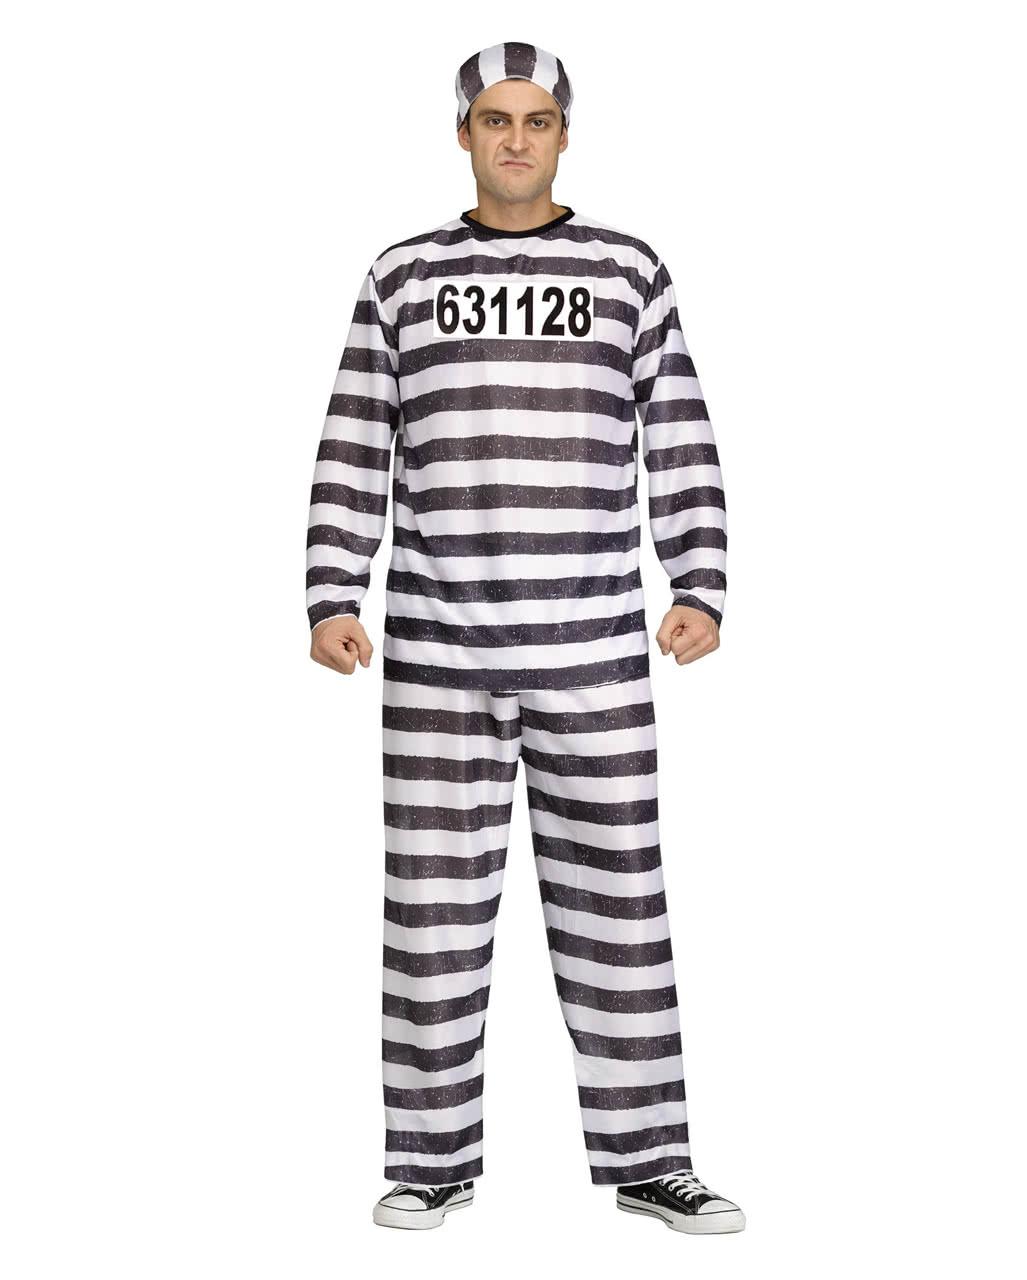 Convict costume jailbird prisoner costume prisoner costume convict costume jailbird solutioingenieria Choice Image